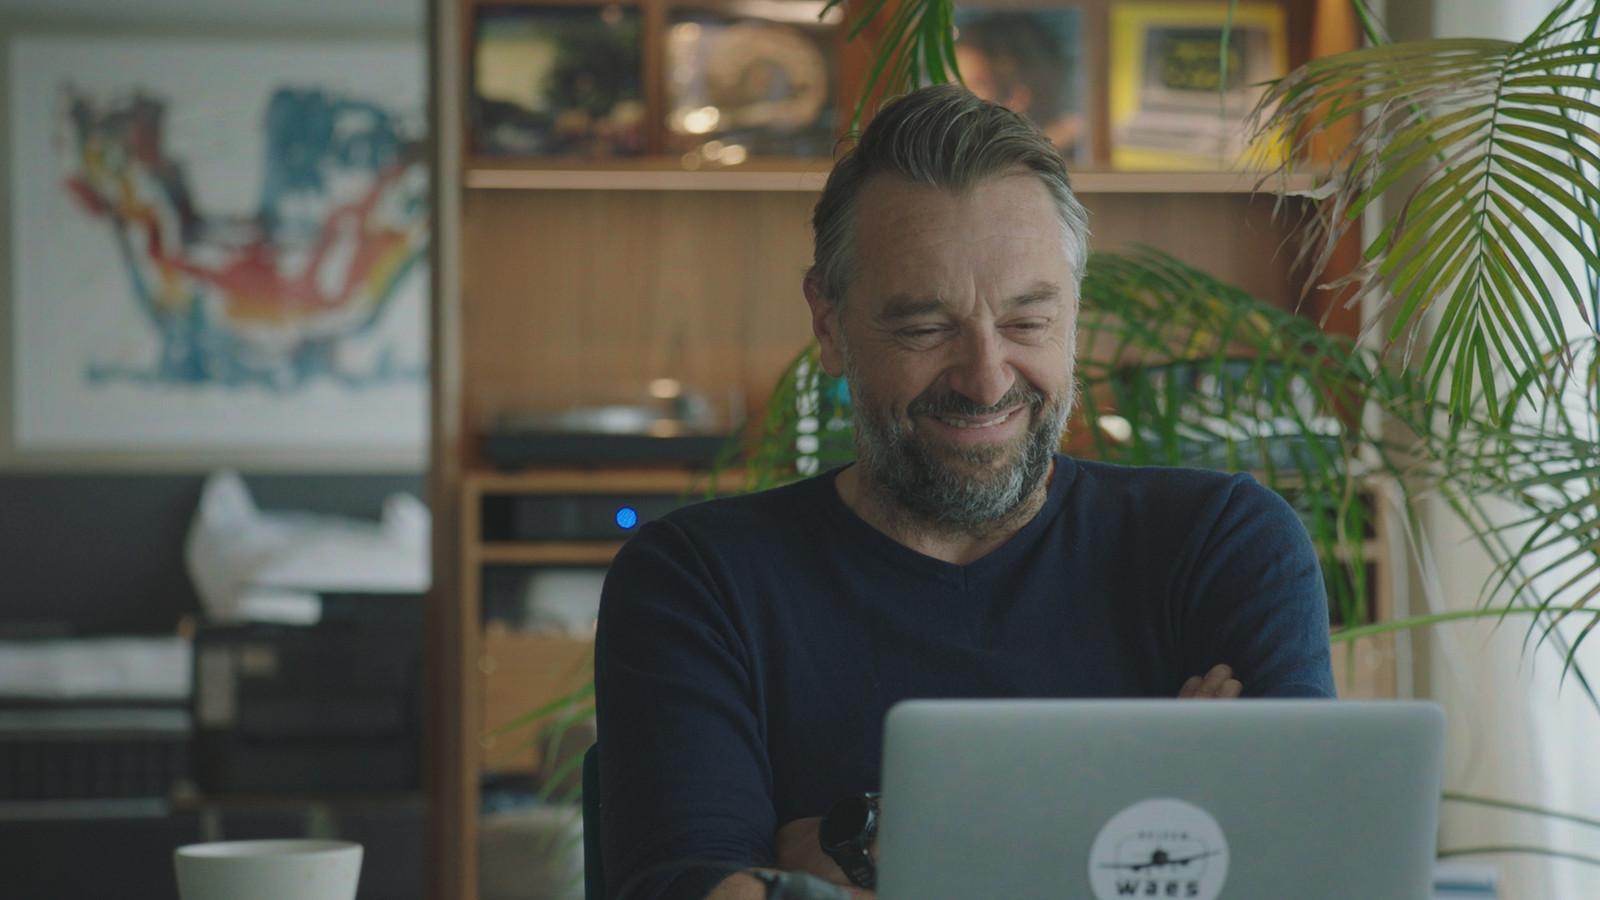 Zondag zien we hoe Tom skypet met reisgidsen die hij de afgelopen vier seizoenen ontmoette.